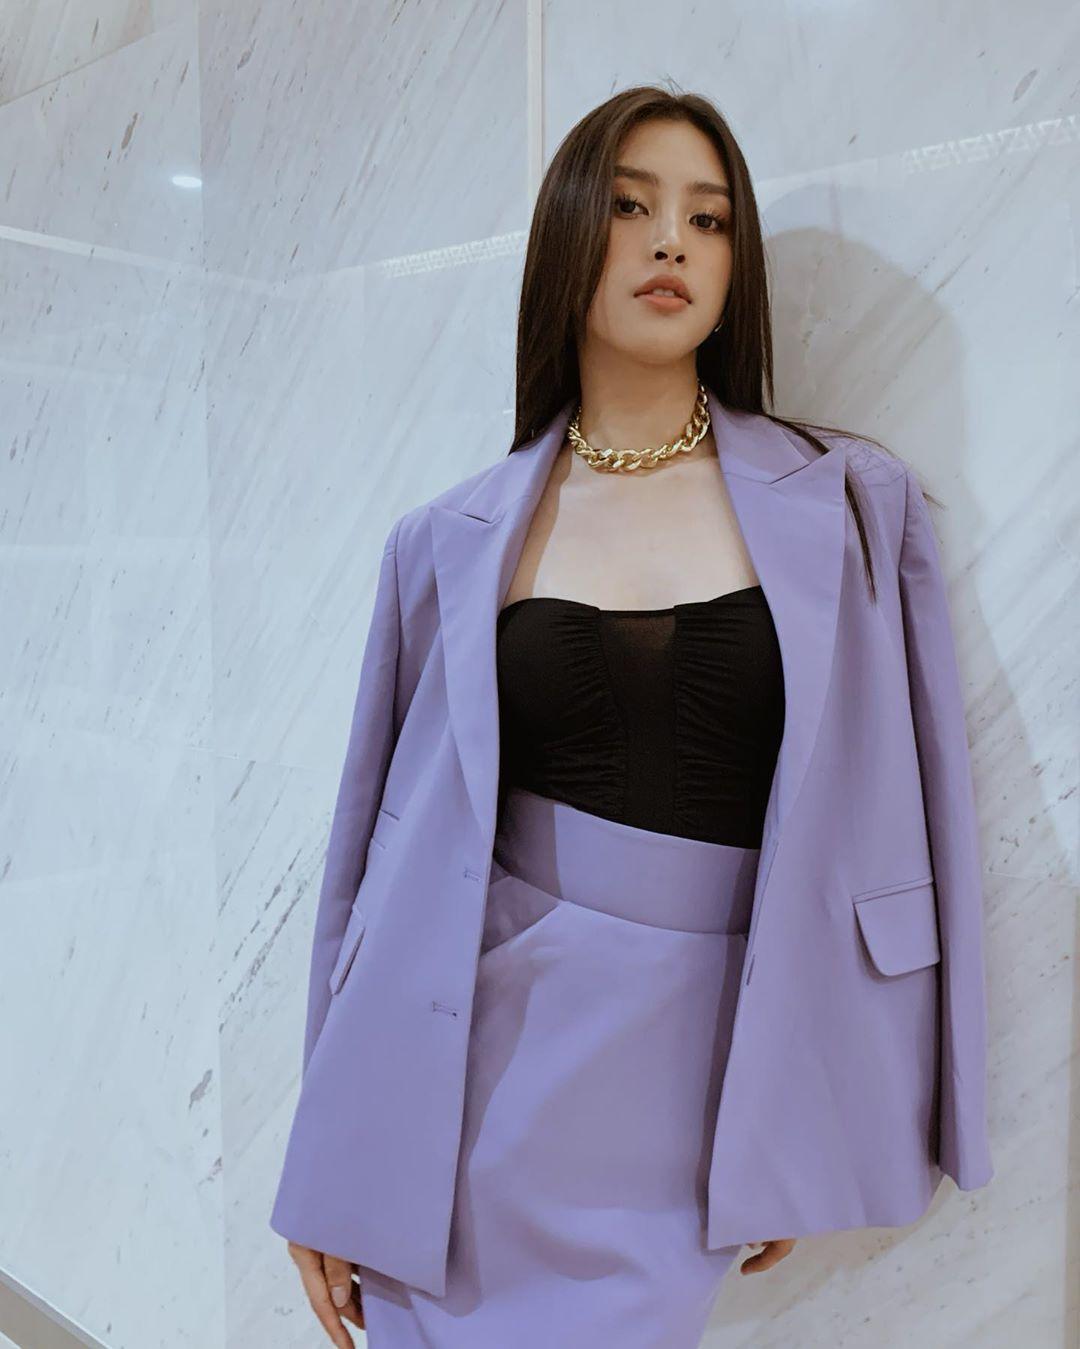 Sao Việt khi diện suit tím hot trend: Người đẹp tinh tế, người sến sẩm; nàng công sở xem cũng rút được khối kinh nghiệm - Ảnh 4.